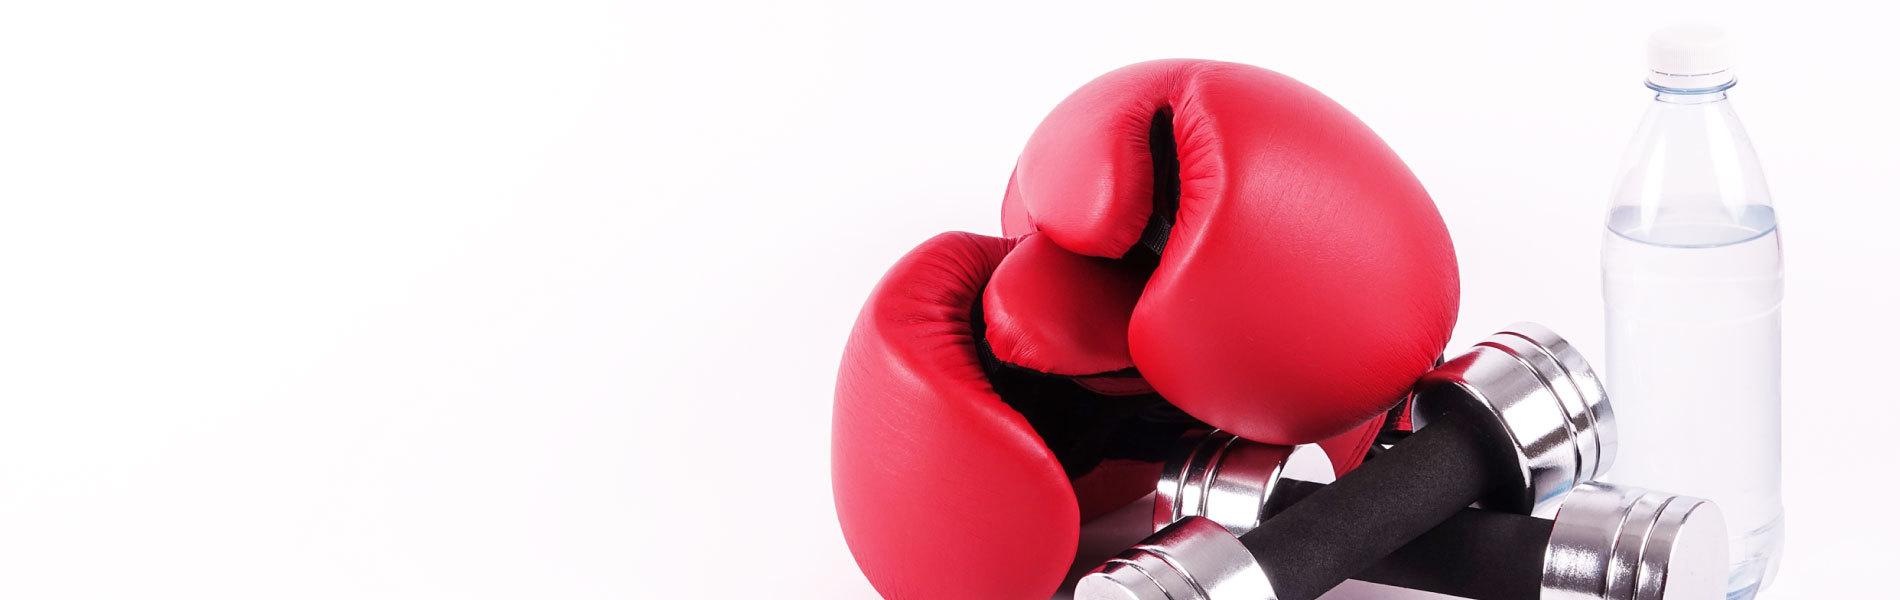 10 Health Benefits of Martial Arts